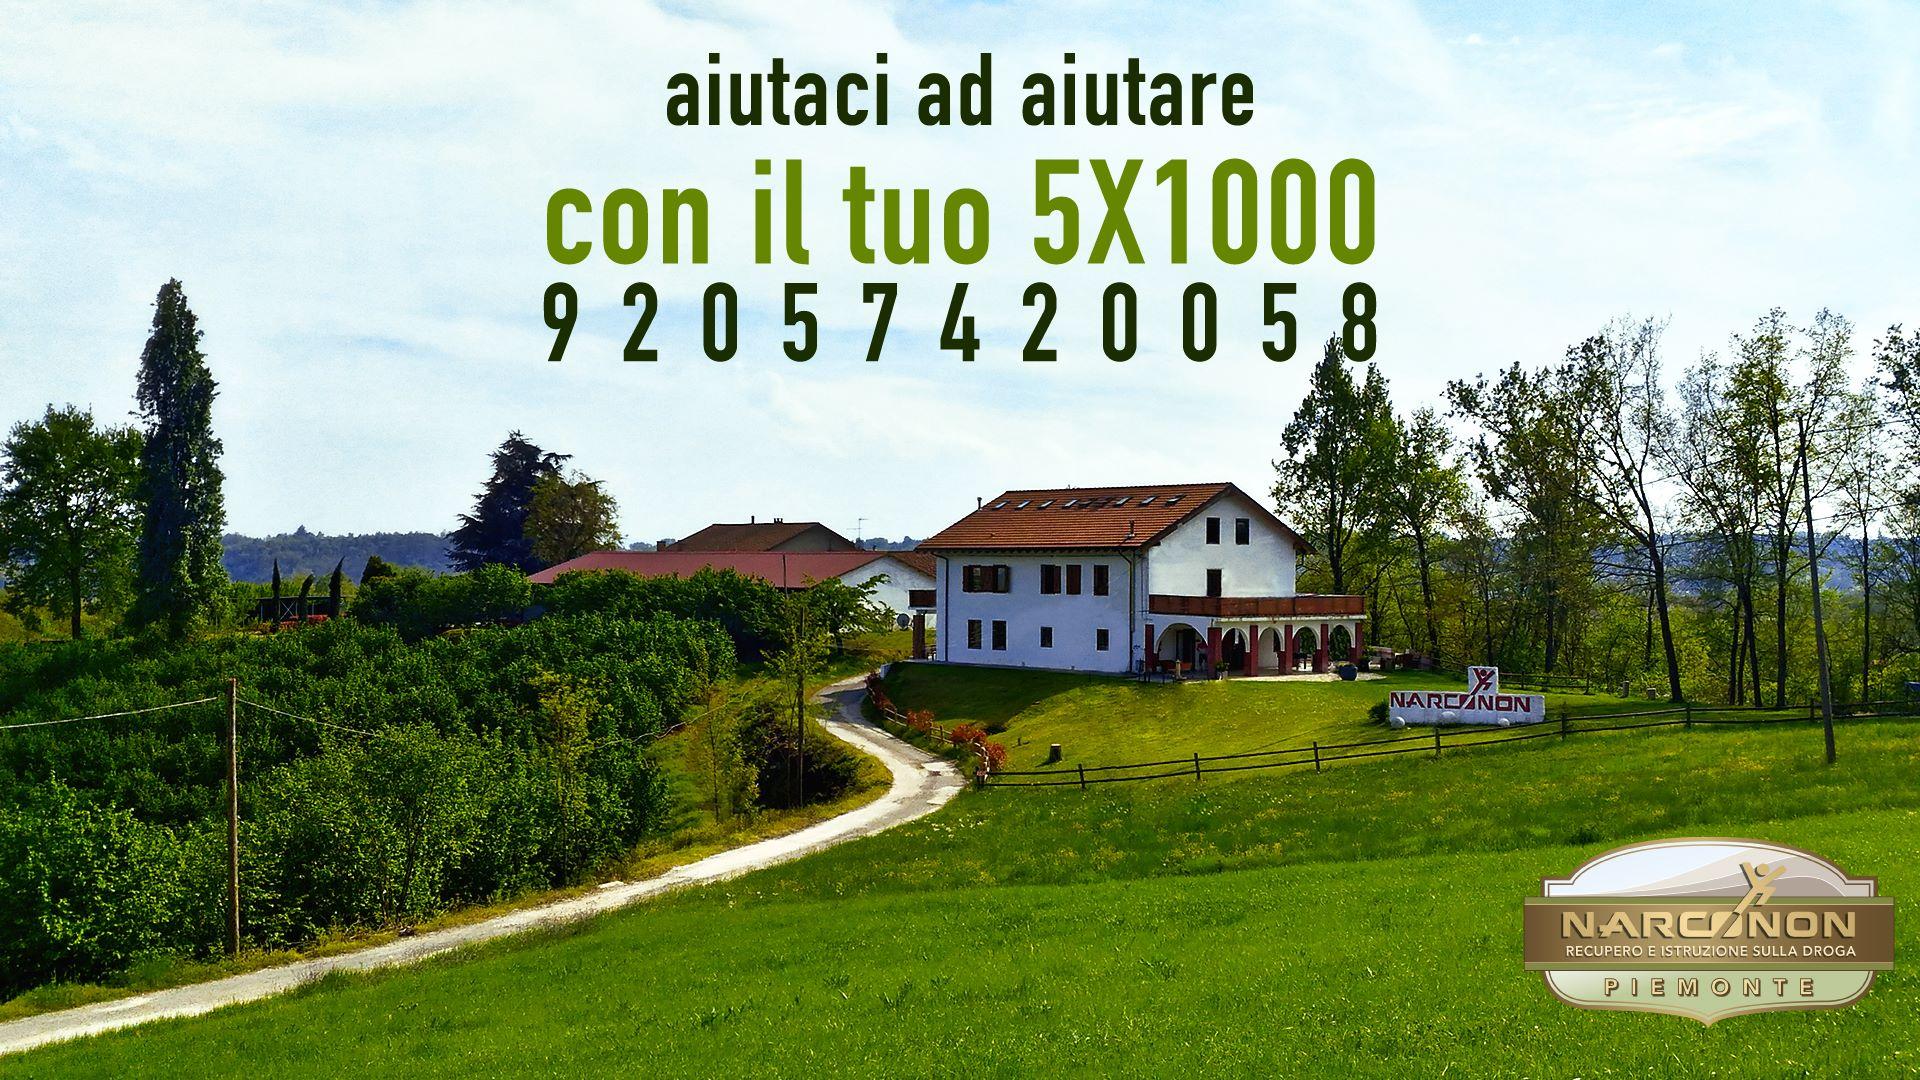 Centro Narconon Piemonte dona il 5x1000